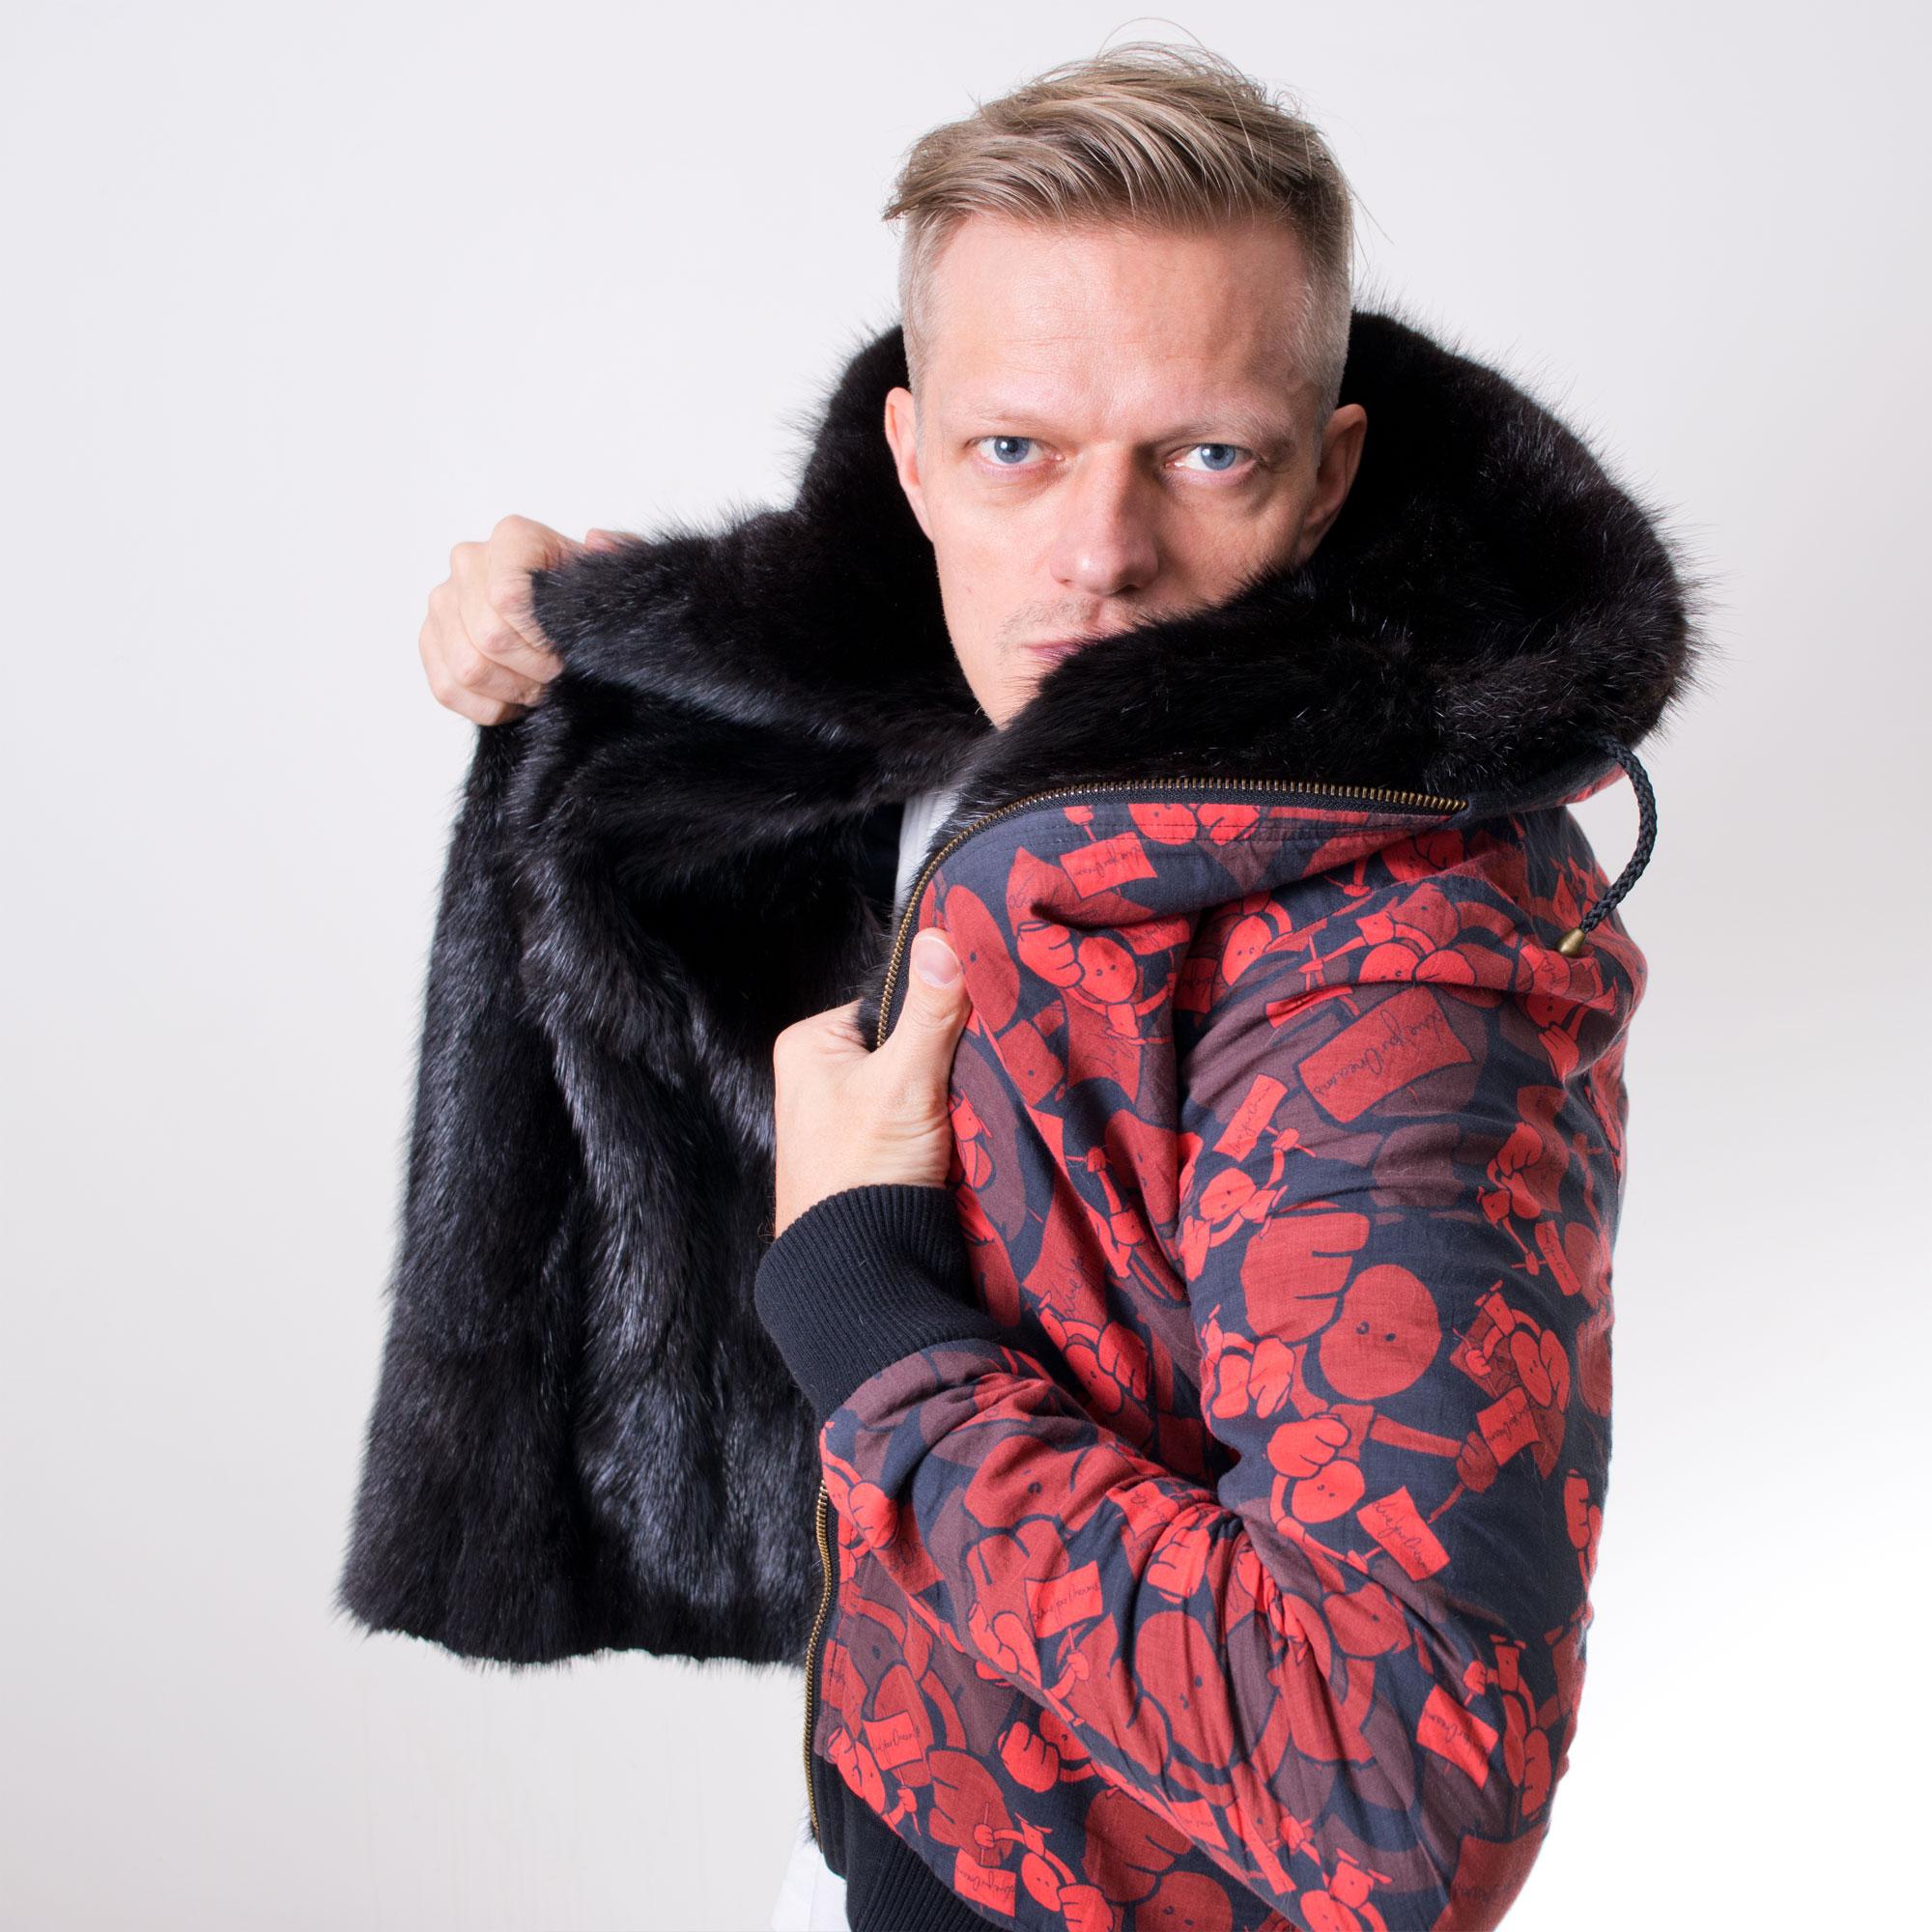 The Hoodie - Number 1 - Custom fur lined hoodie - front